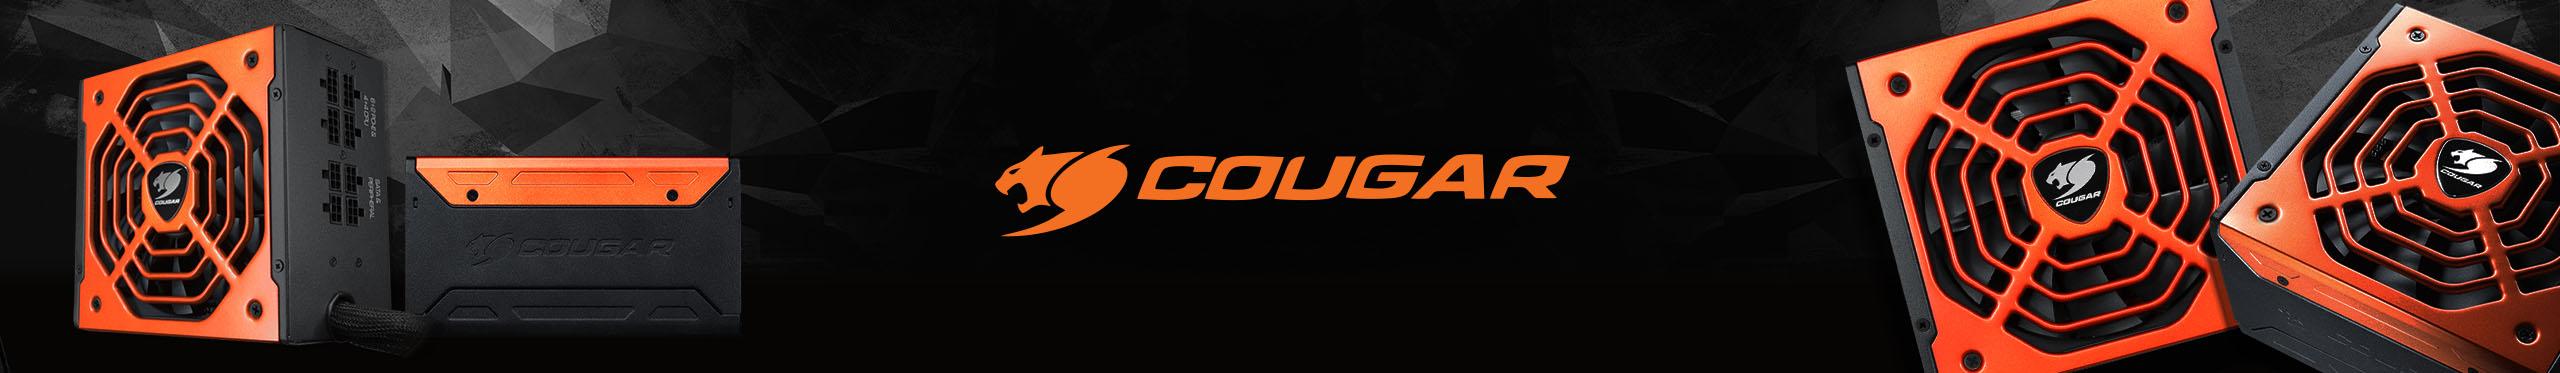 Fonte Cougar - Tensão estável e resfriamento mais suave.